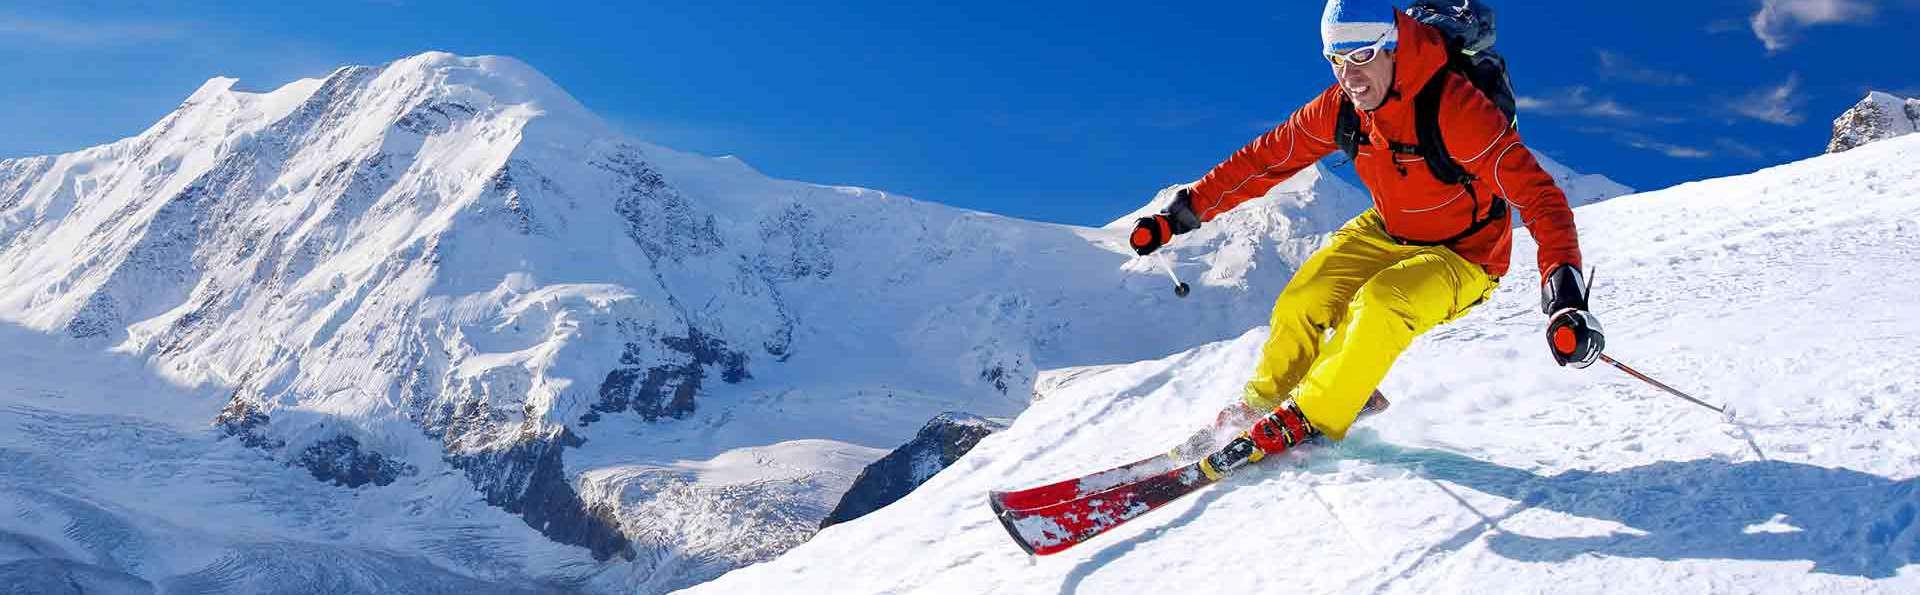 Break ski dans le nord de l'Espagne : Séjournez dans un bâtiment du XVIe siècle avec forfait de remontées mécaniques pour Alto Campoo